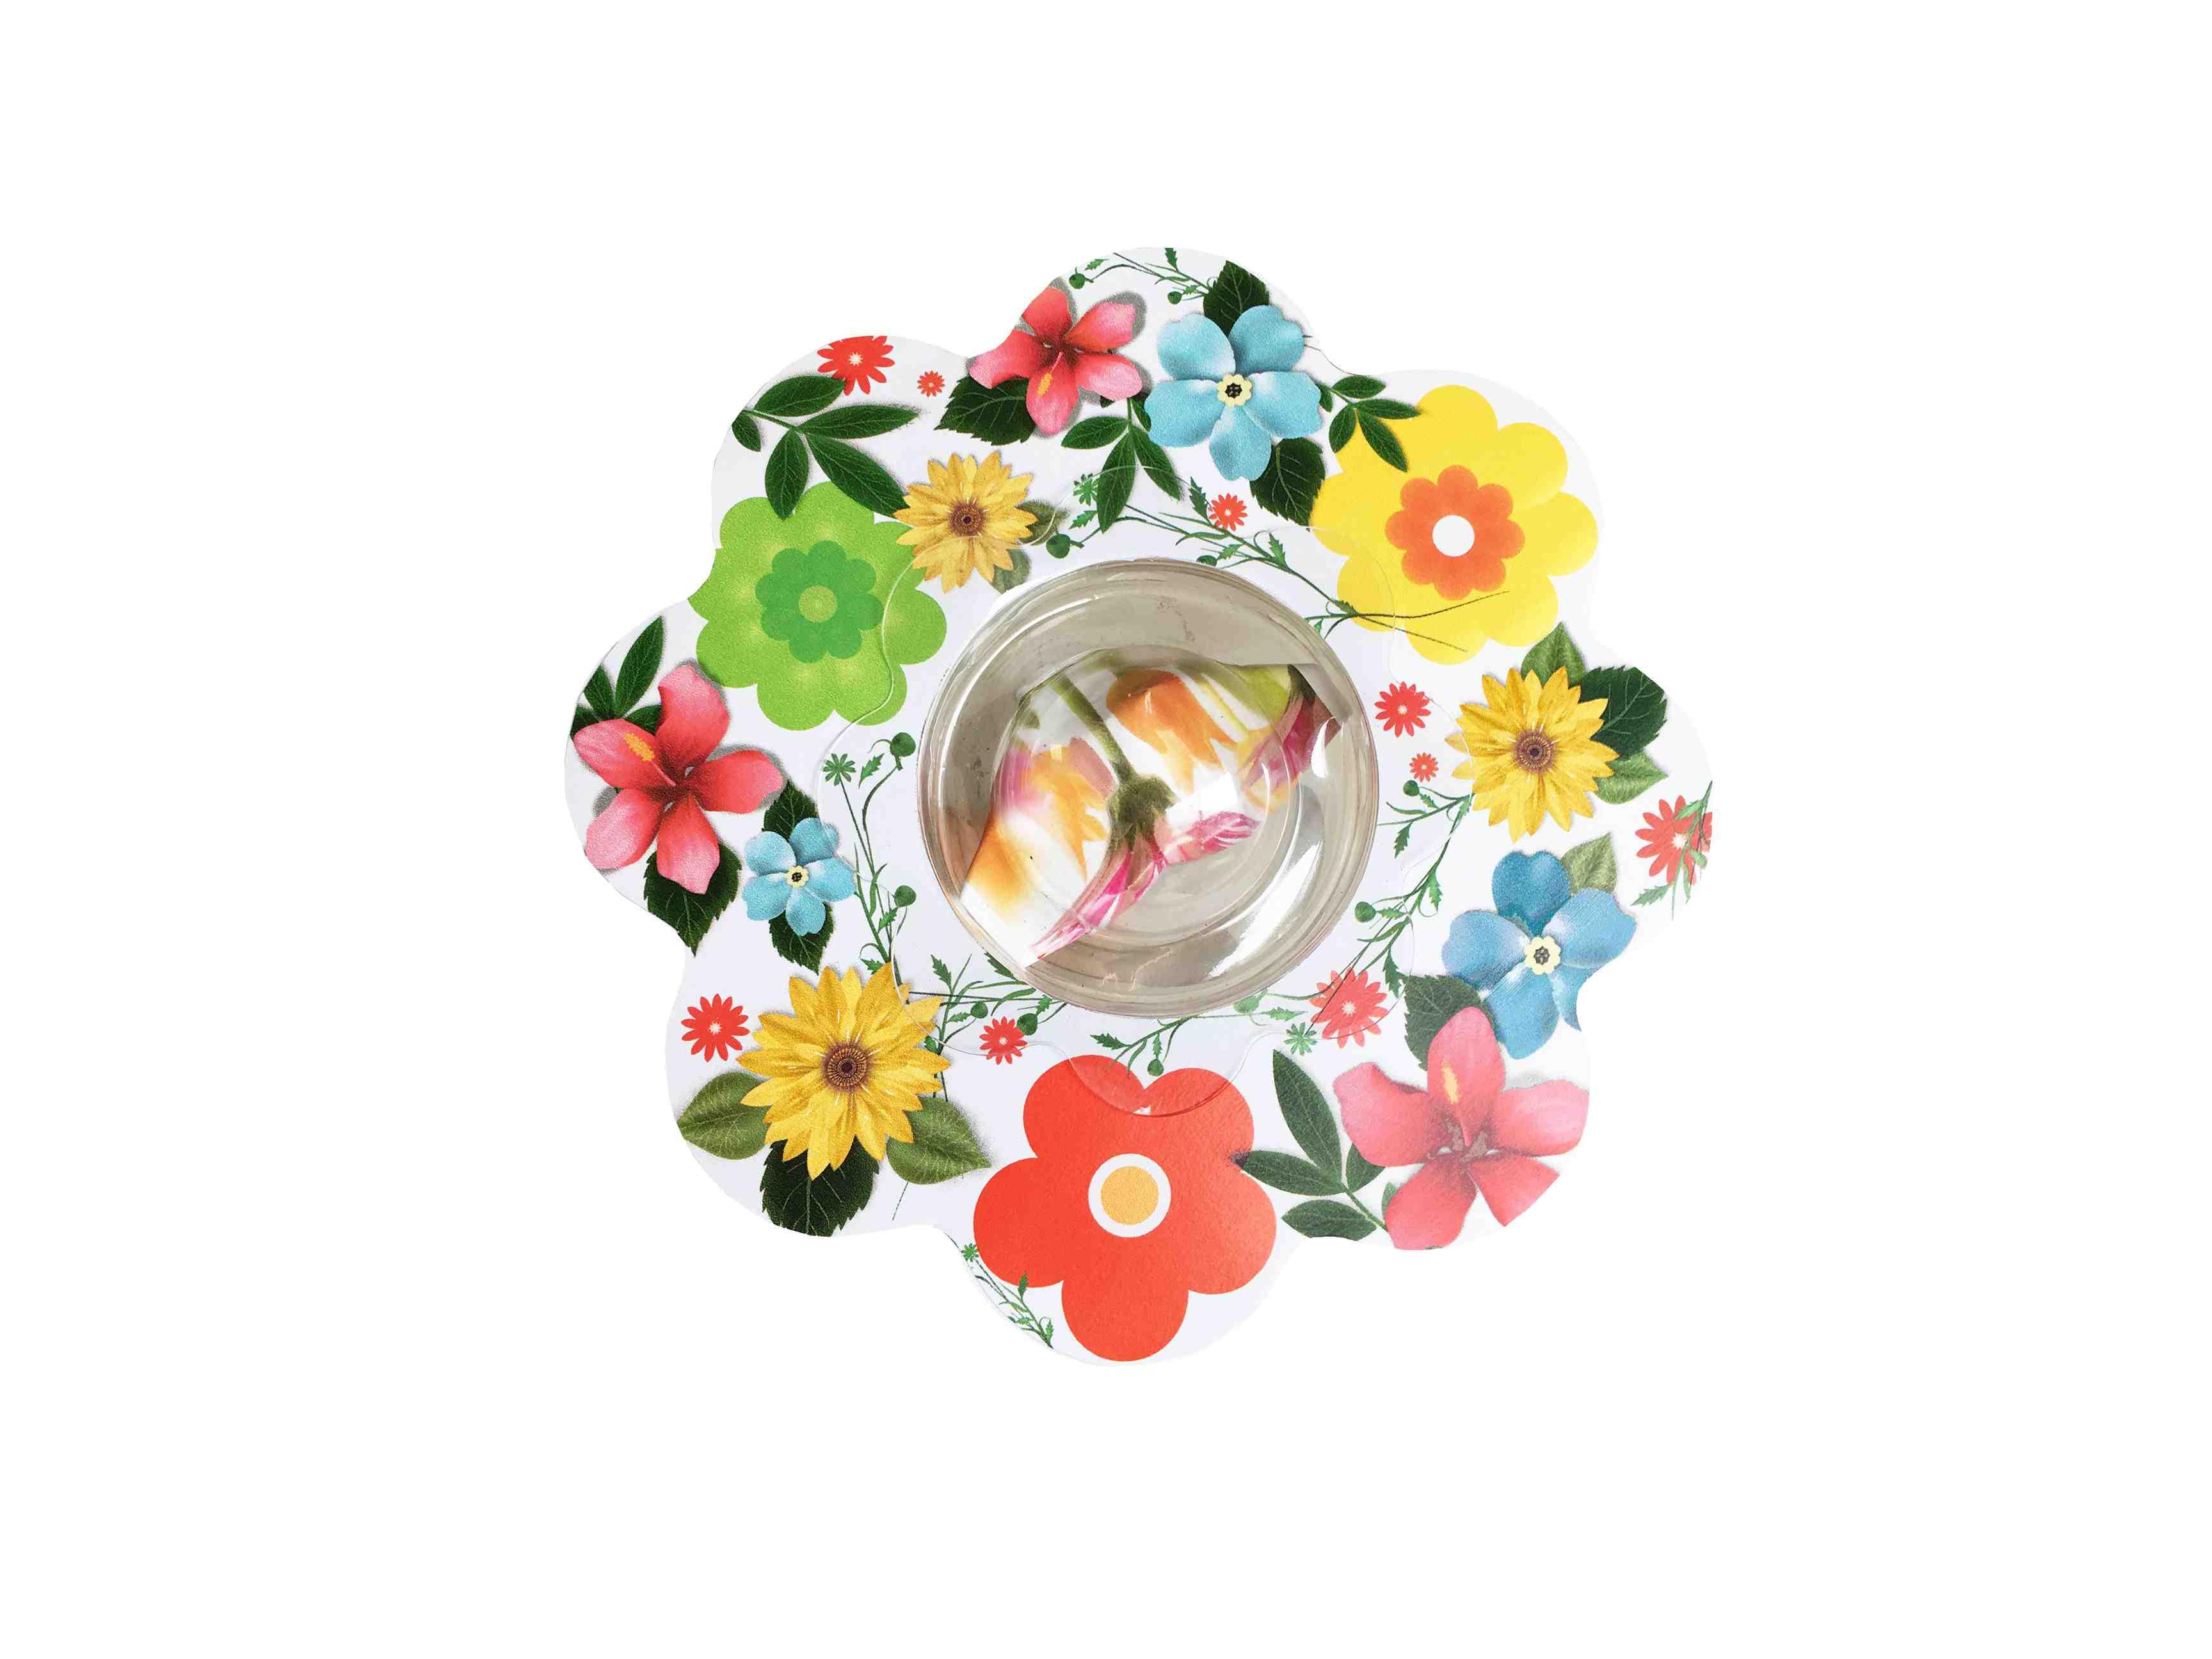 Cadeau publicitaire écologique - La Tige Florale